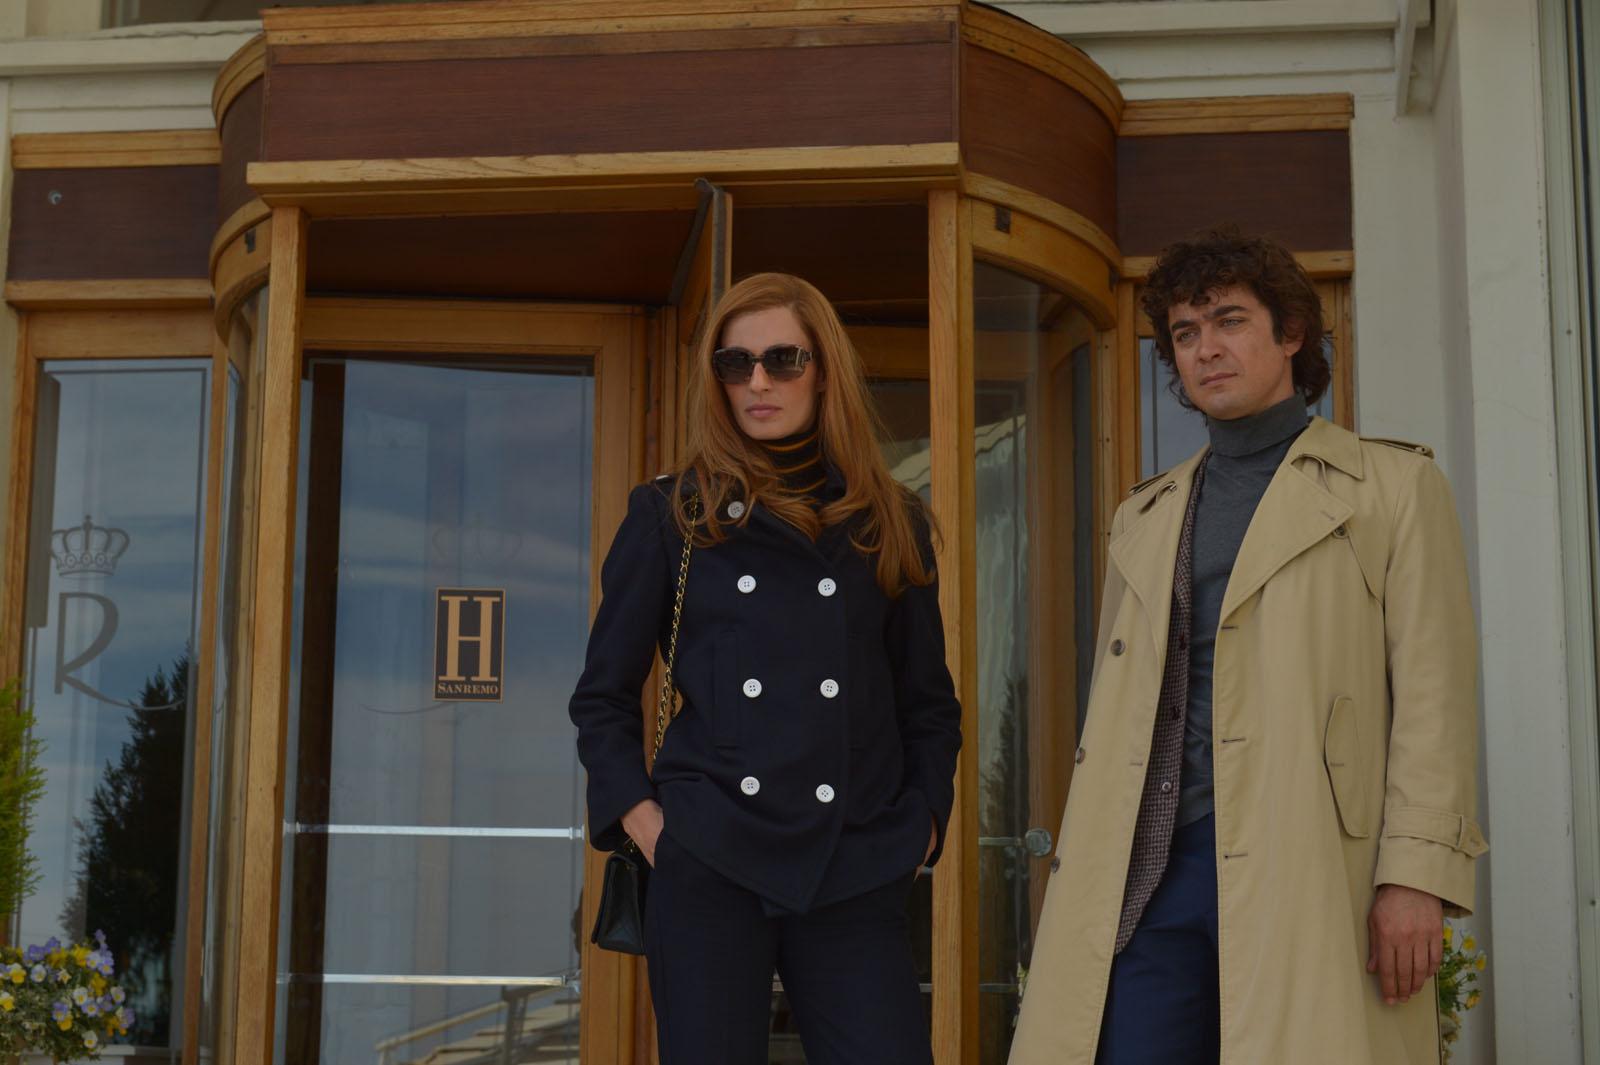 Sveva Alviti et Riccardo Scamarcio dans les rôles de Dalida et Orlando